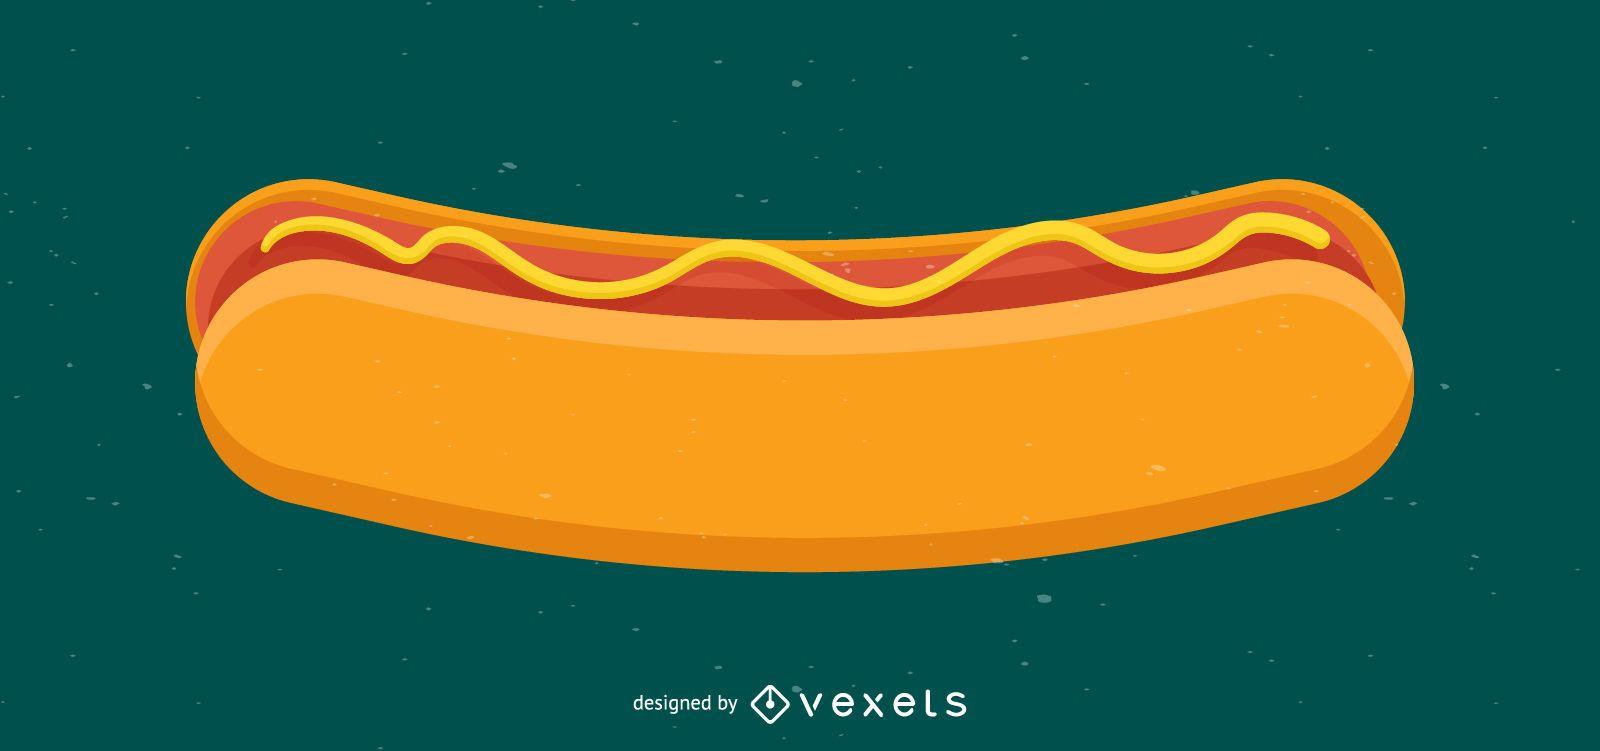 Hot dog sausage illustration